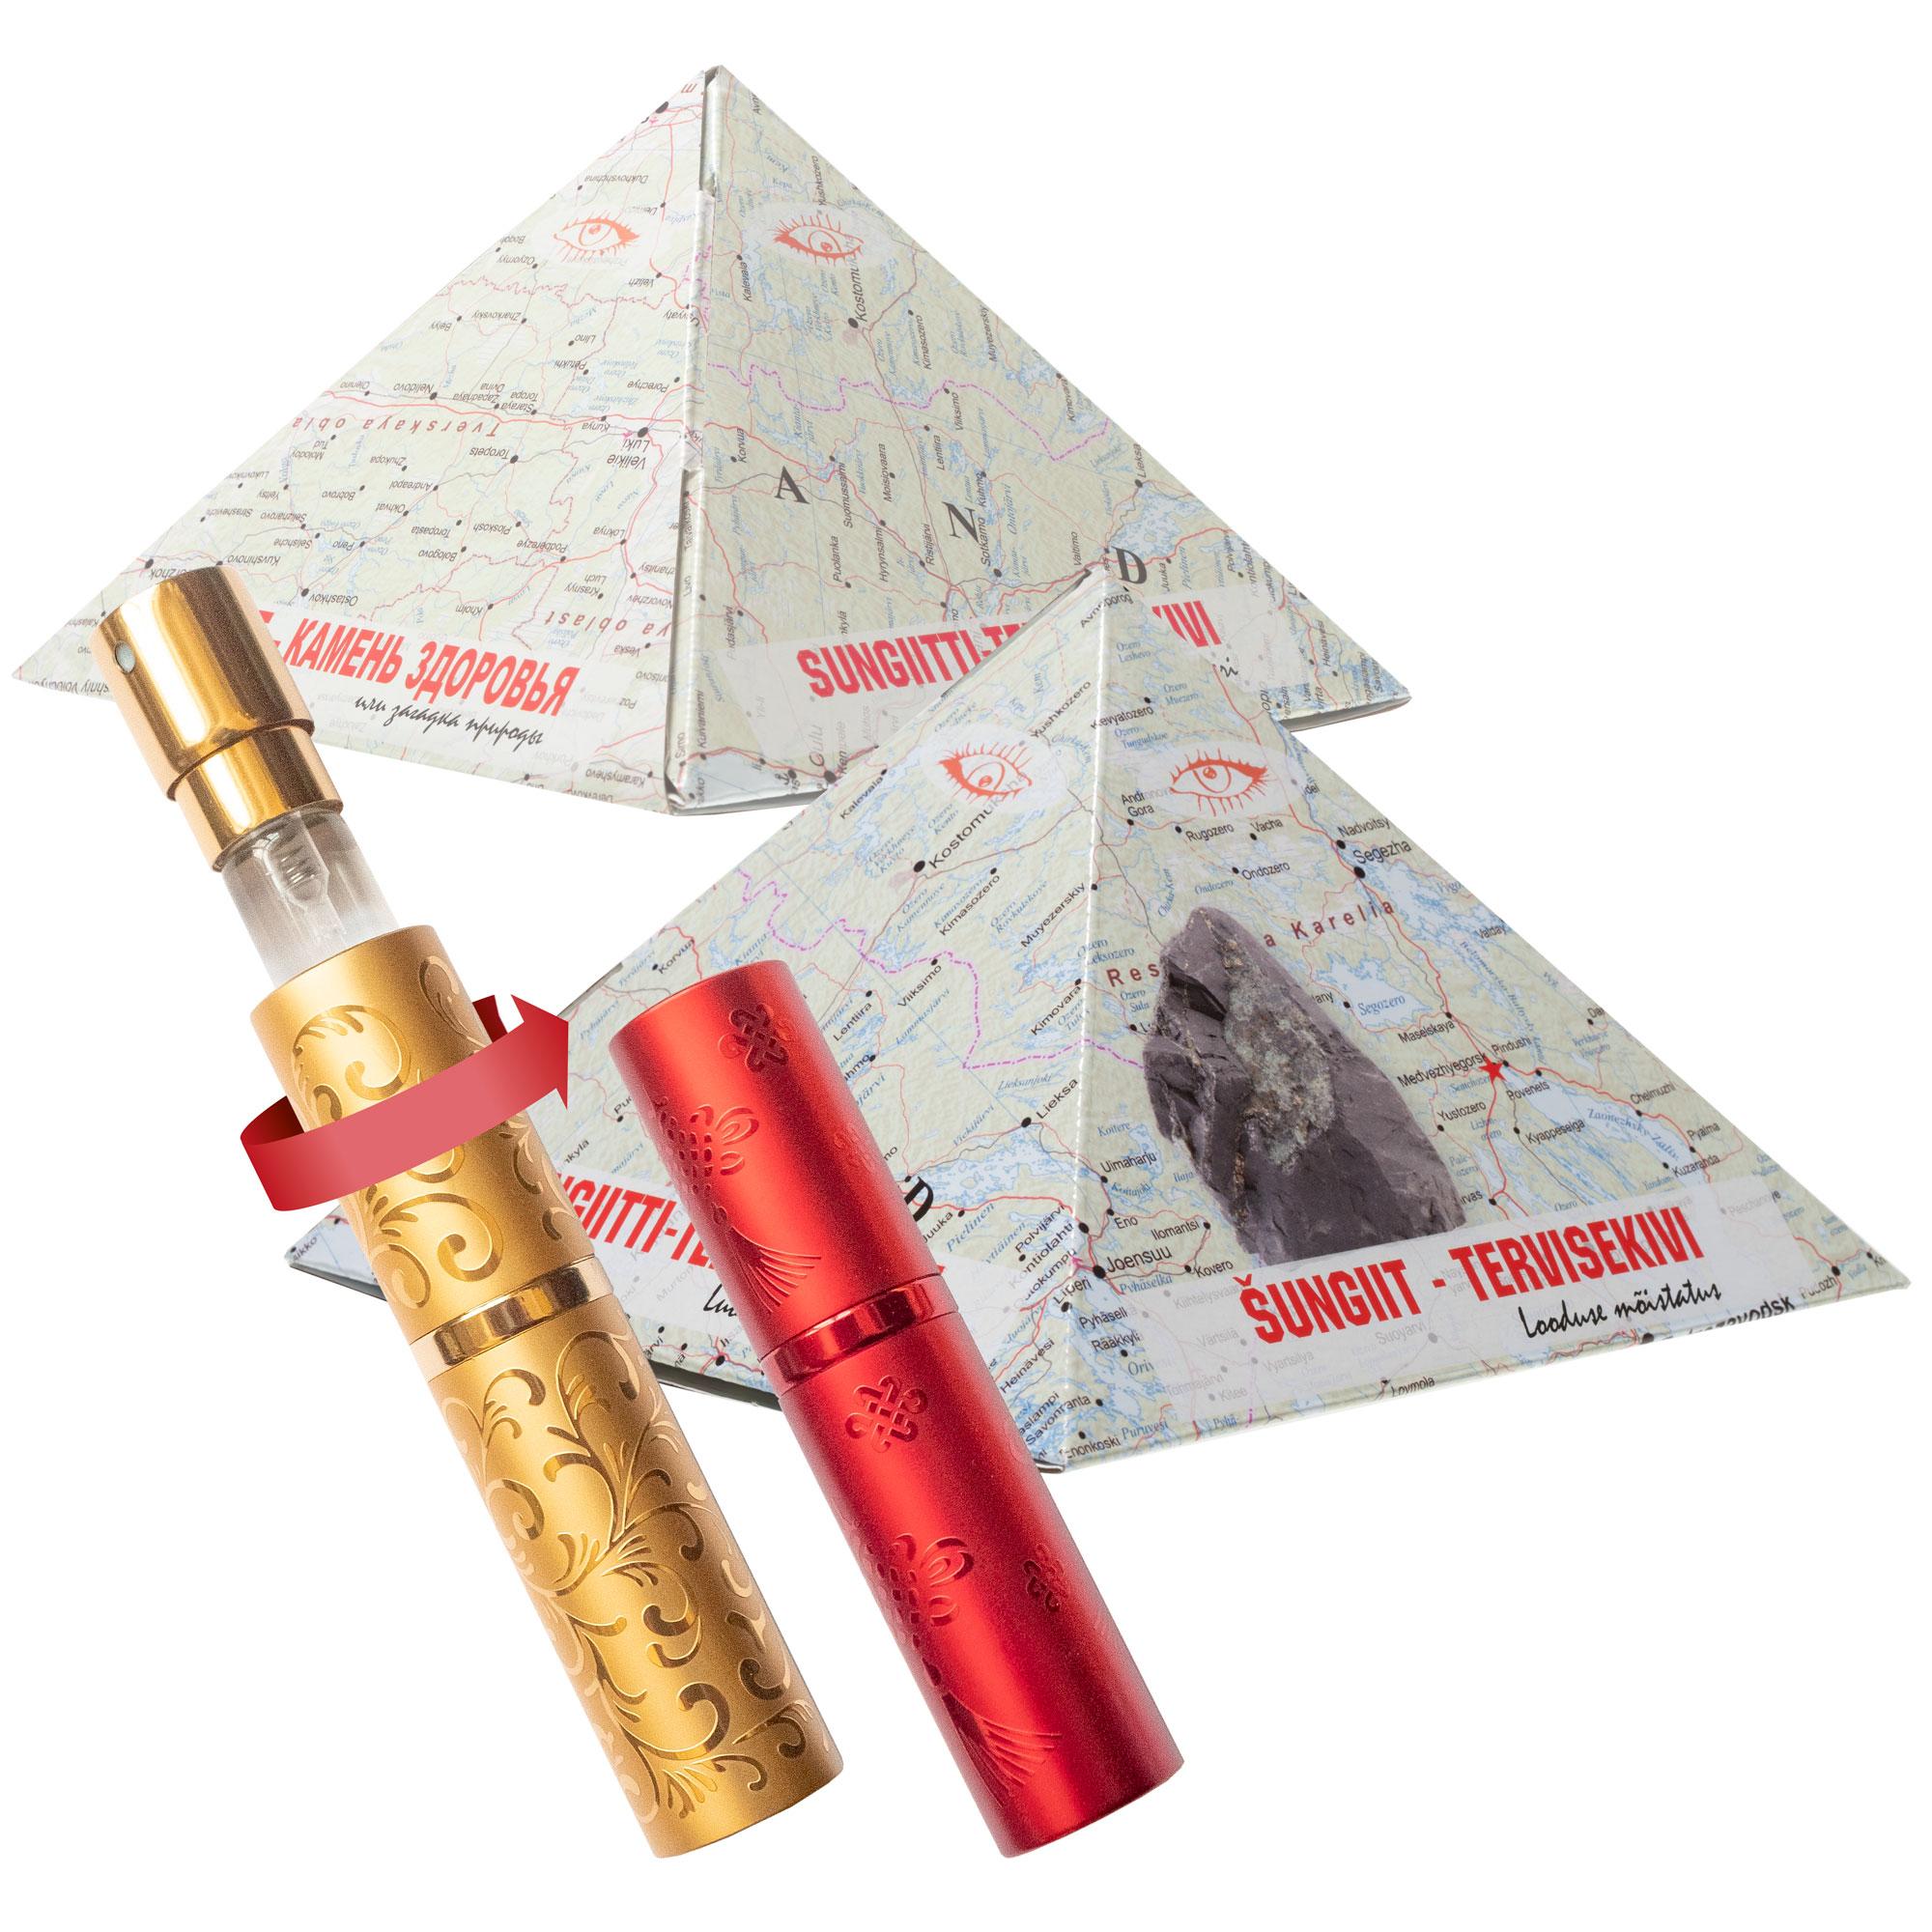 Šungiit püramiidid karbis, kingitusega1